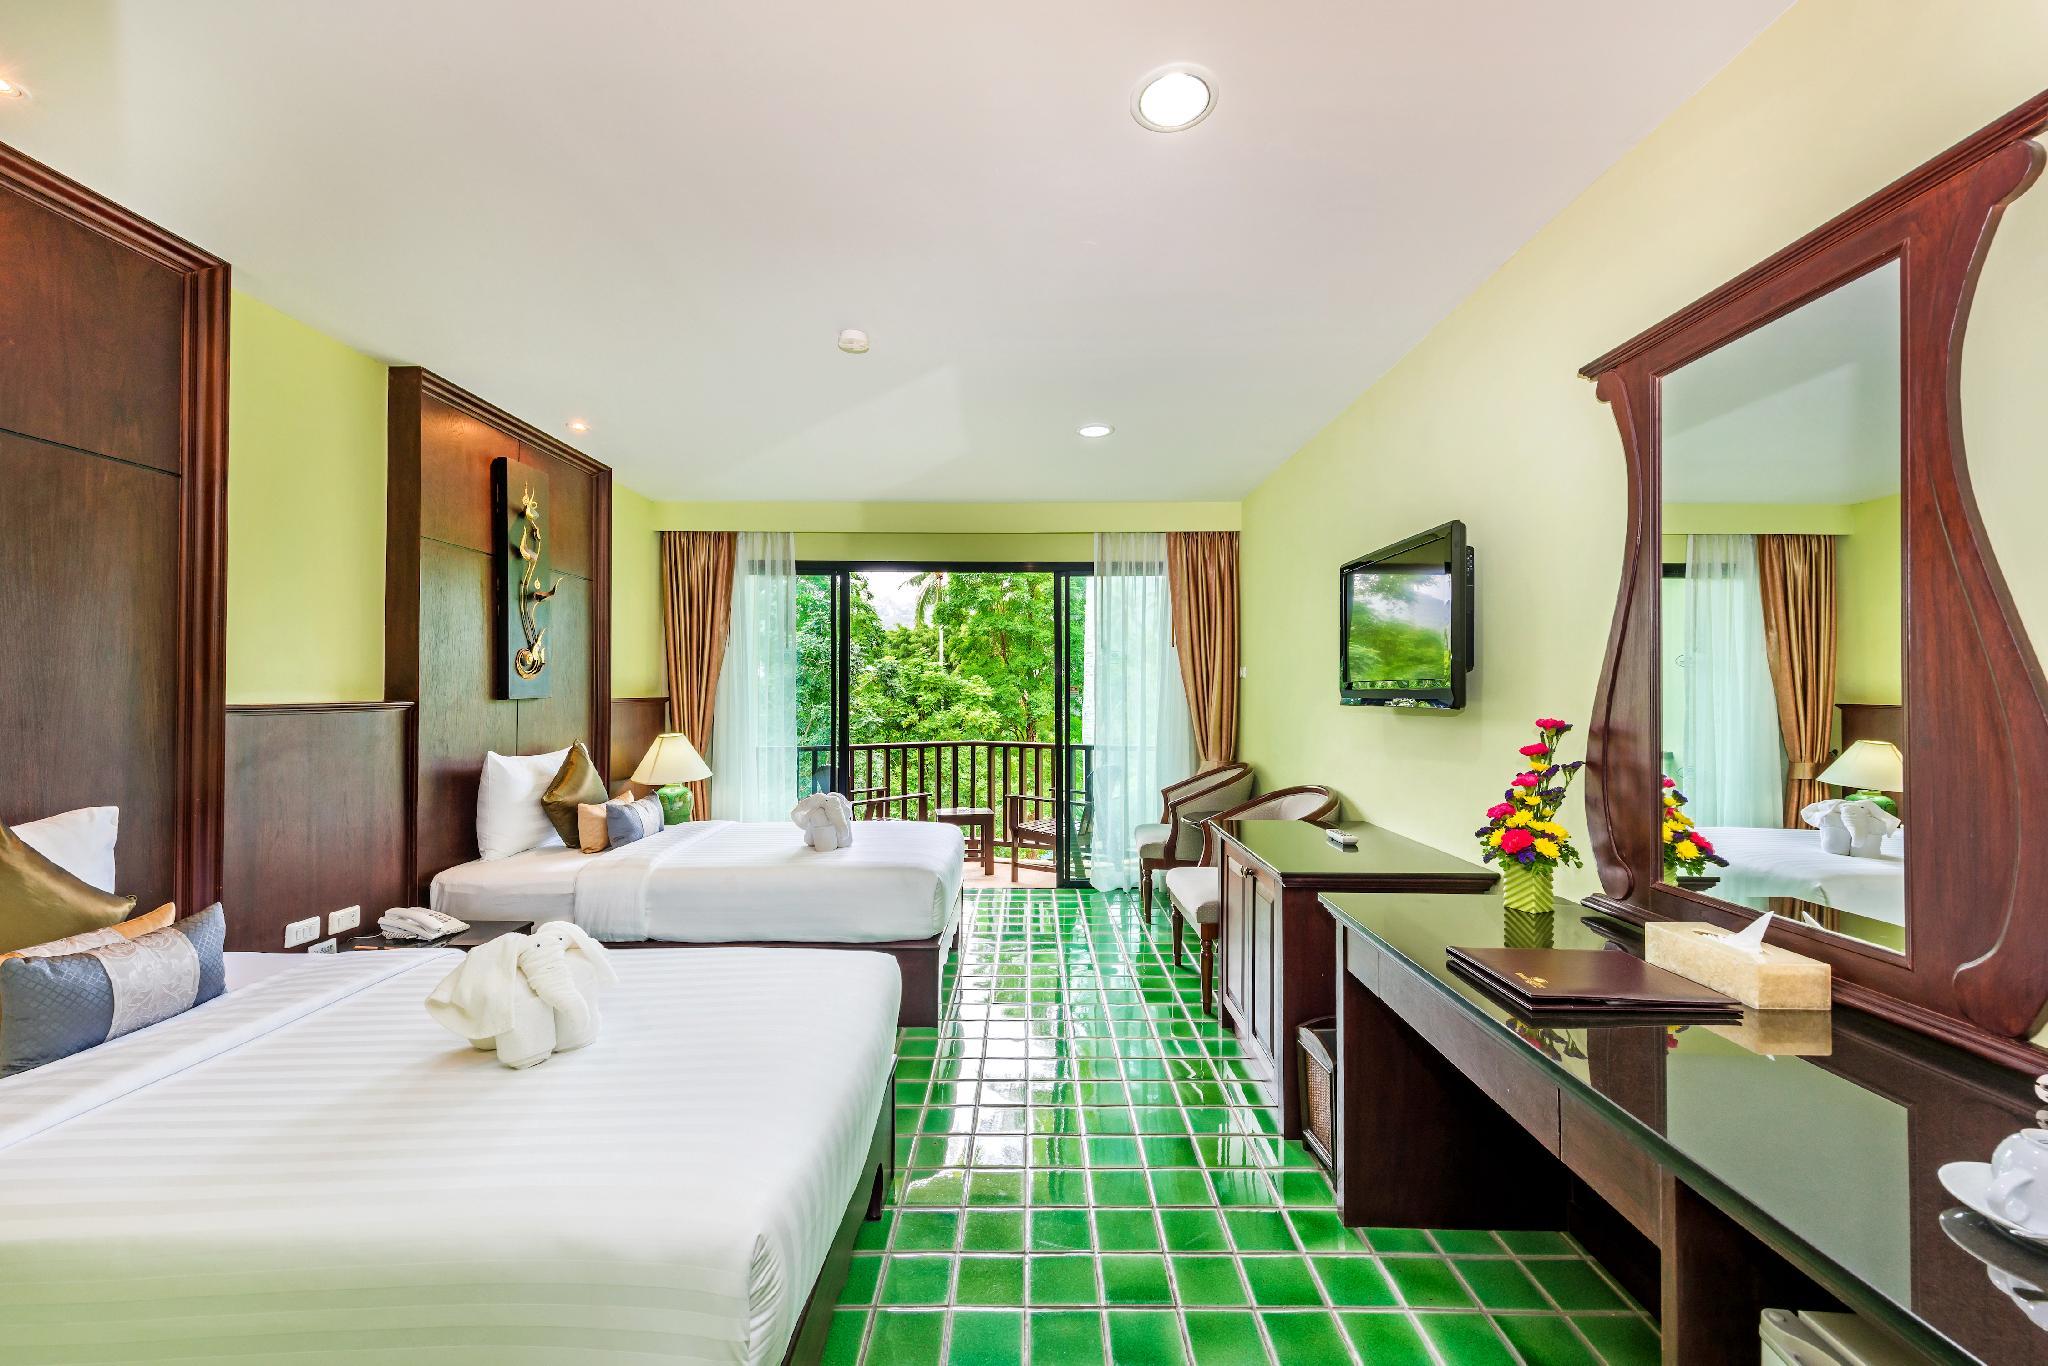 اتاق های هتل دوانجیت ریزورت پوکت تایلند